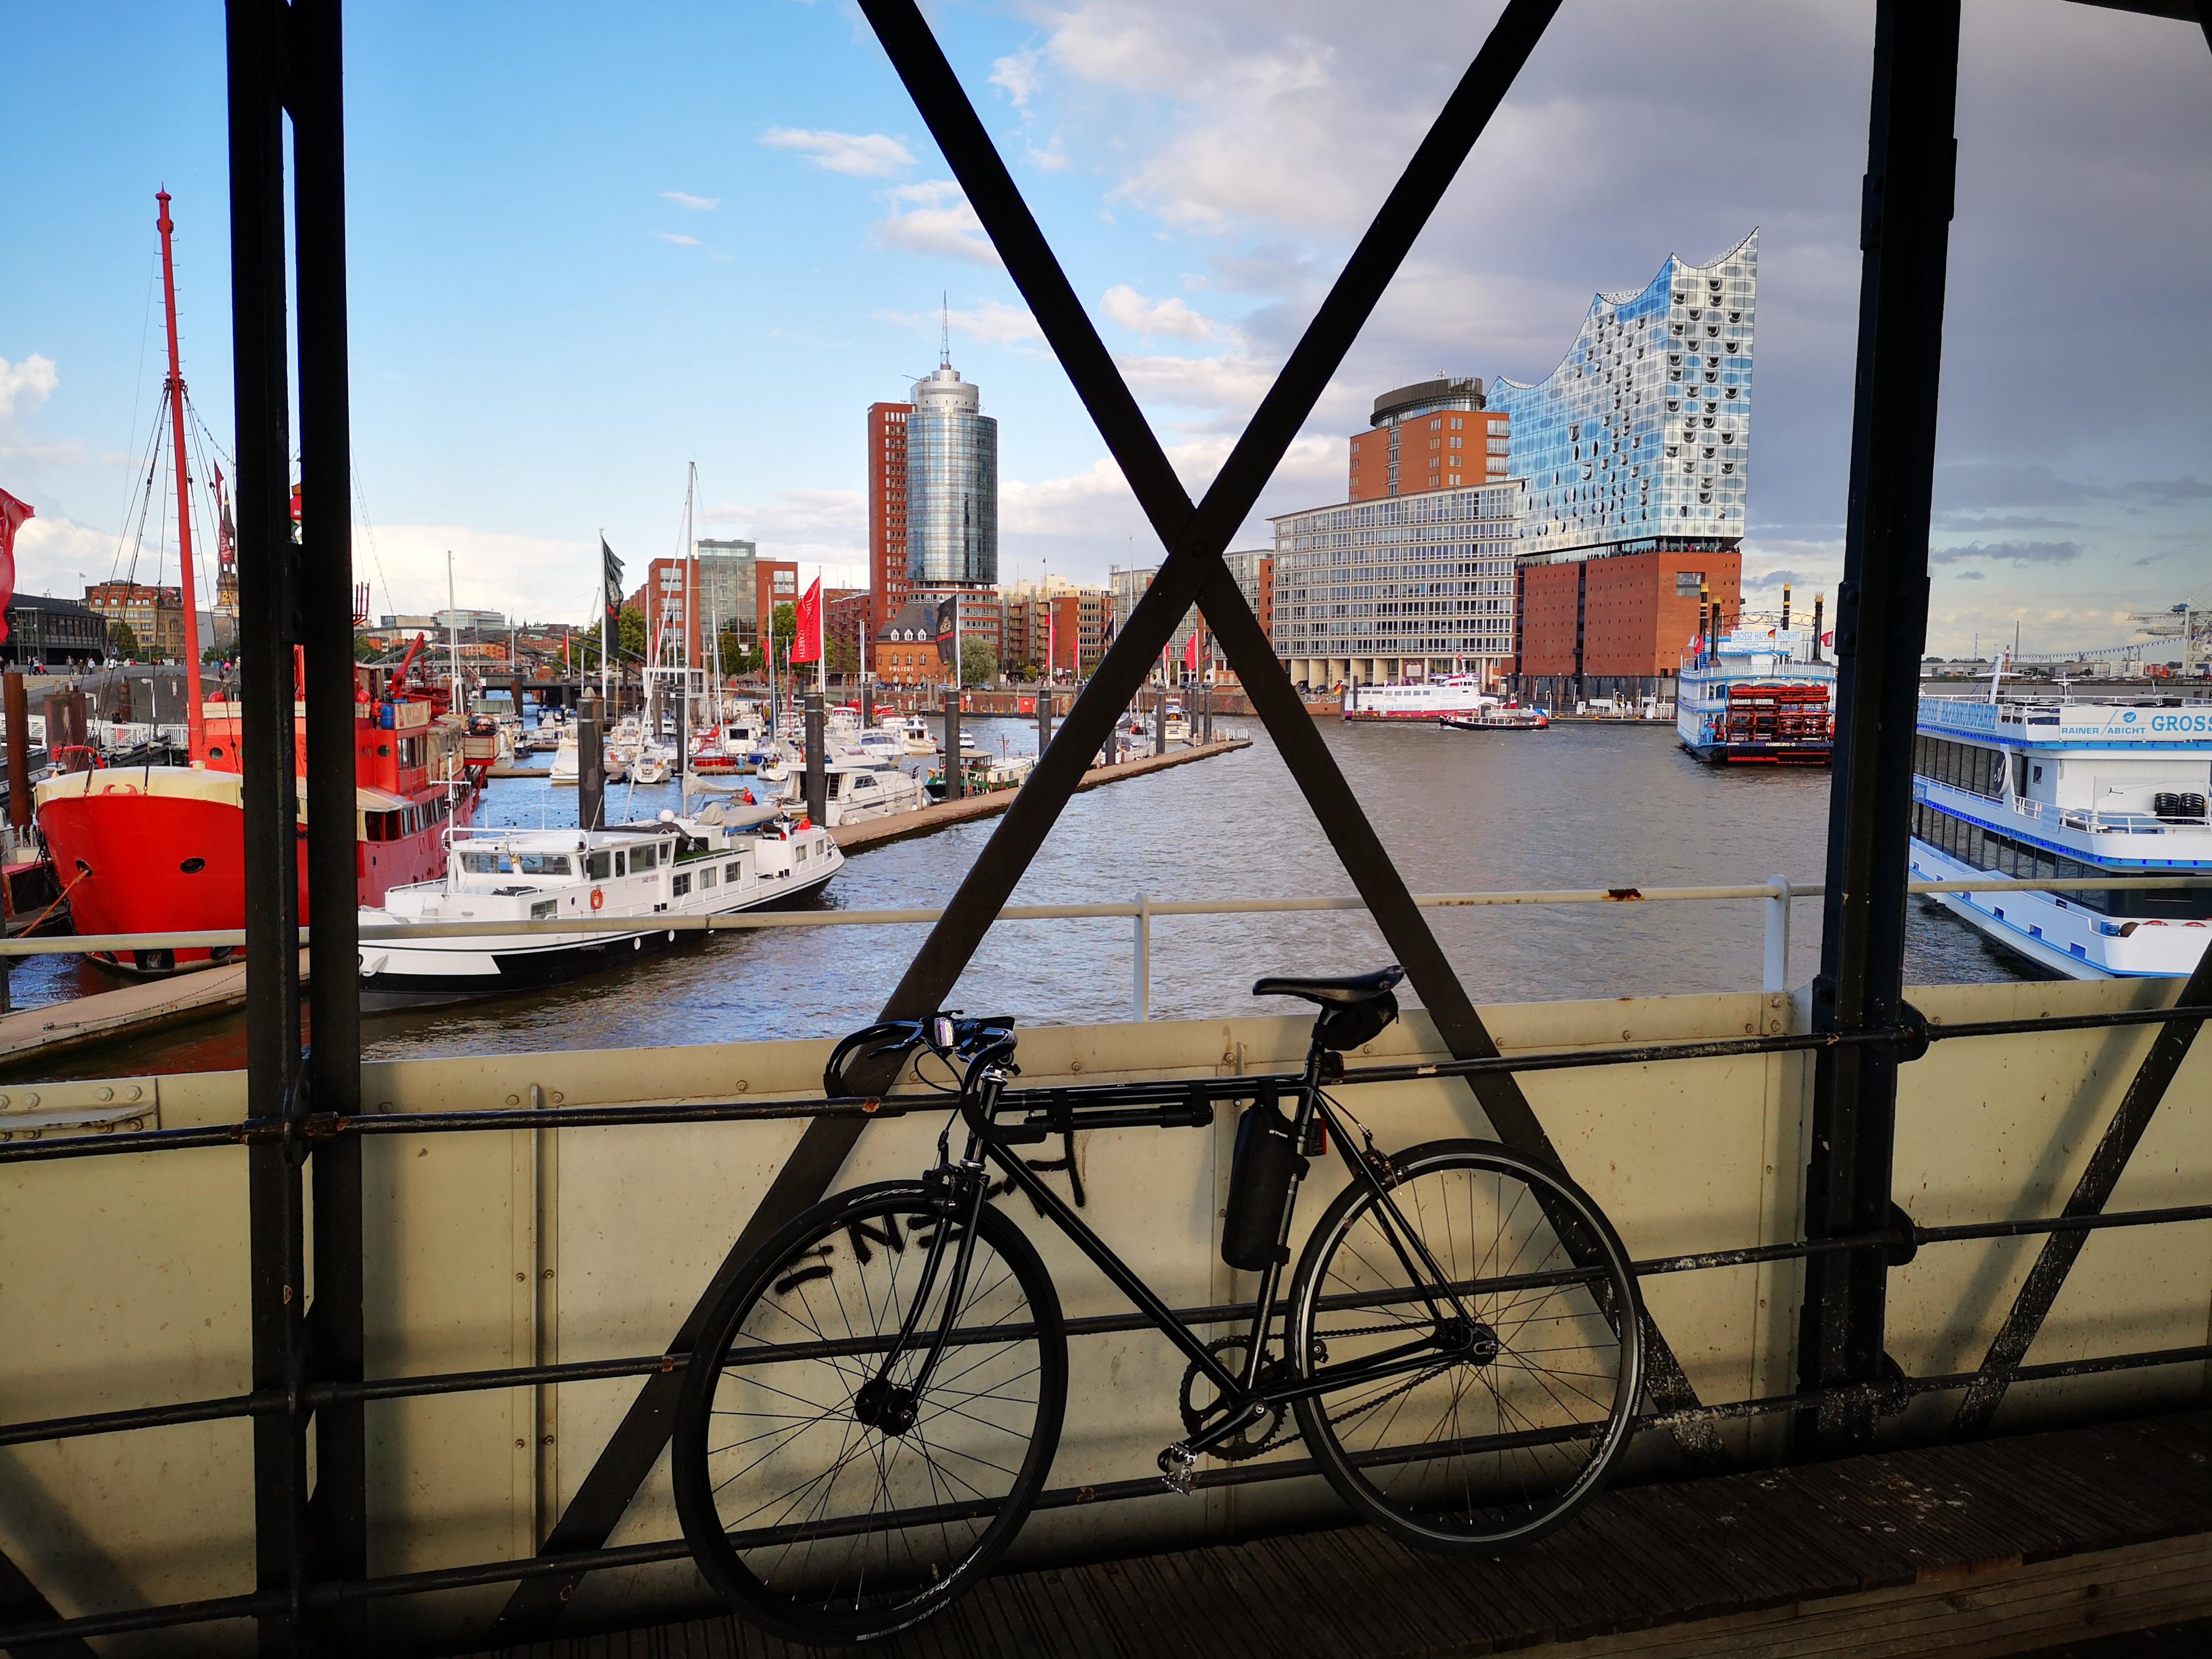 Fuji-Feather, Fujibikes, auf den Landungsbrücken in Hamburg vor der Elbphilharmonie